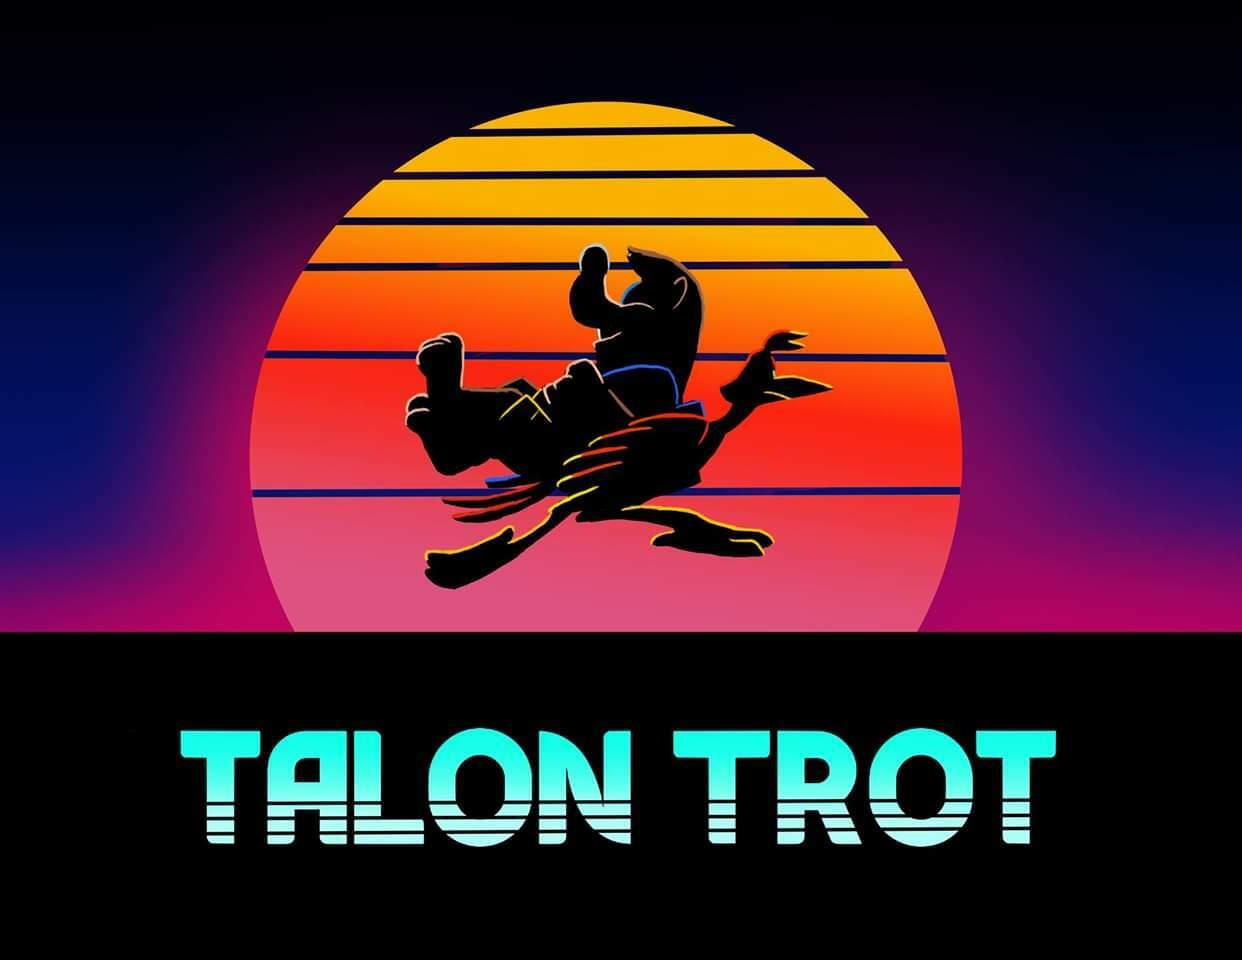 Talon Trot